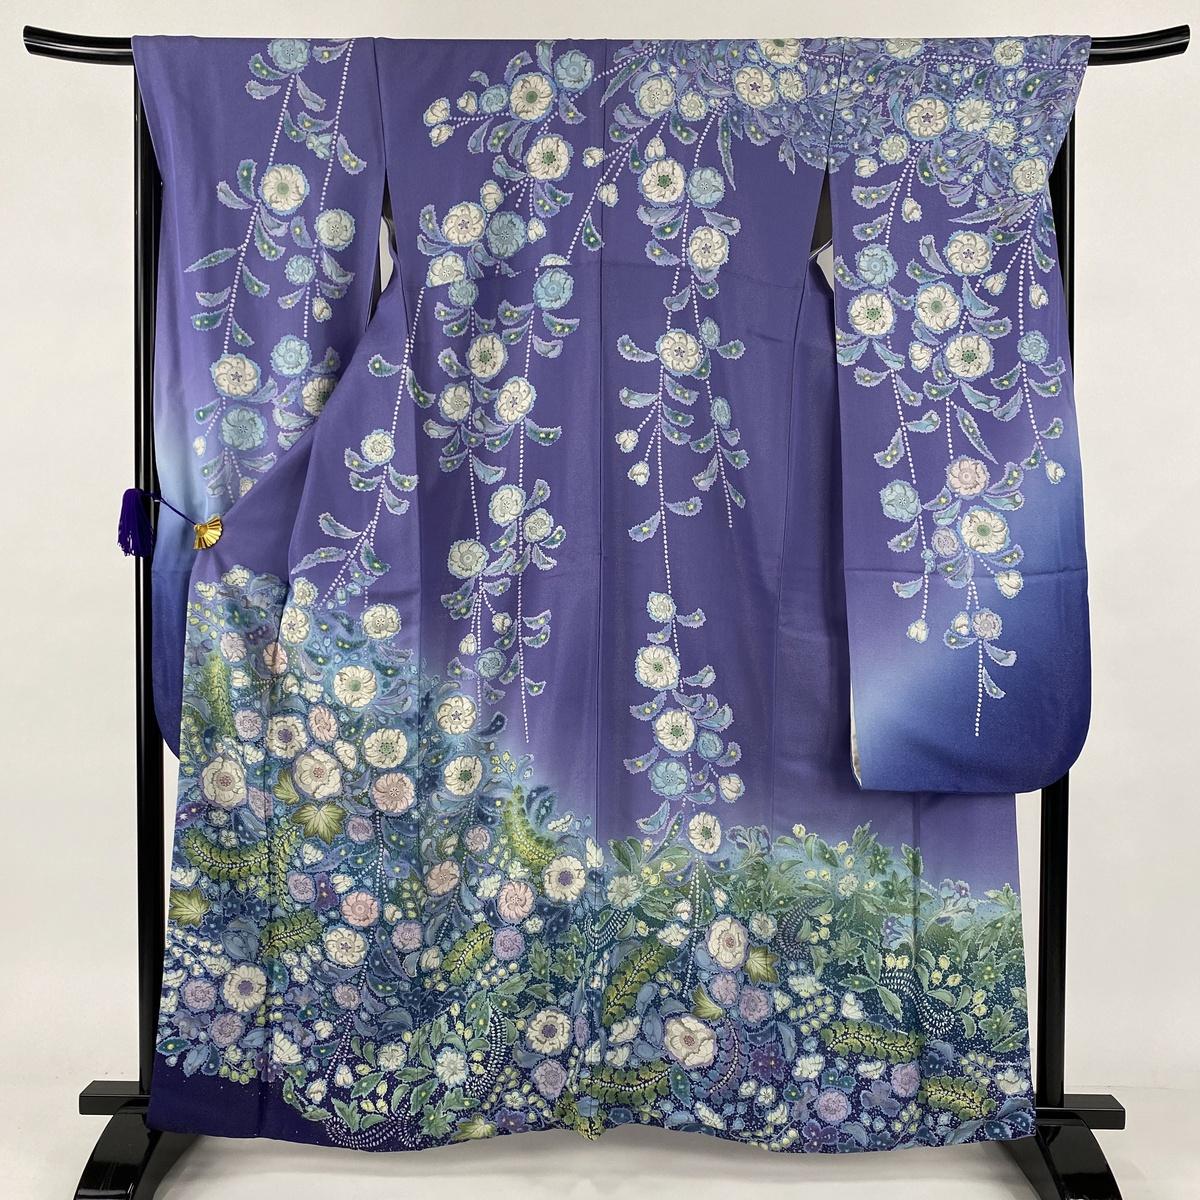 新しい 振袖 美品 名品 辻が花柄 銀通し 染め分け 紫 袷 身丈164.5cm 裄丈69cm L 正絹, 暮らしのソムリエSHOP! ce7b8fde